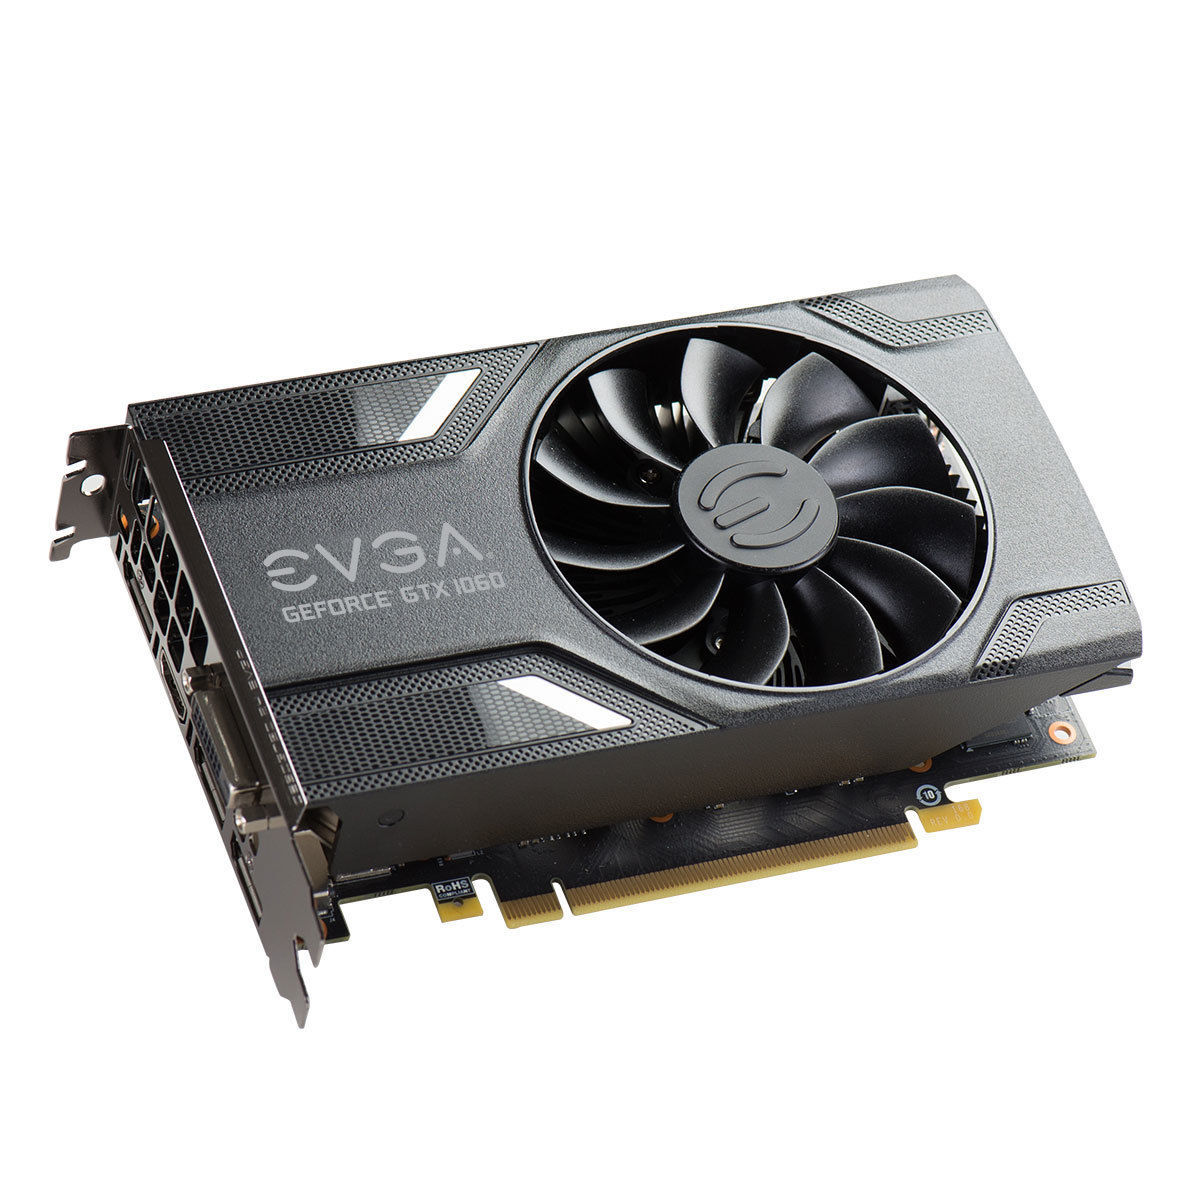 GeForce GTX 1060 GAMING, 6GB GDDR5, ACX 2.0 Single Fan